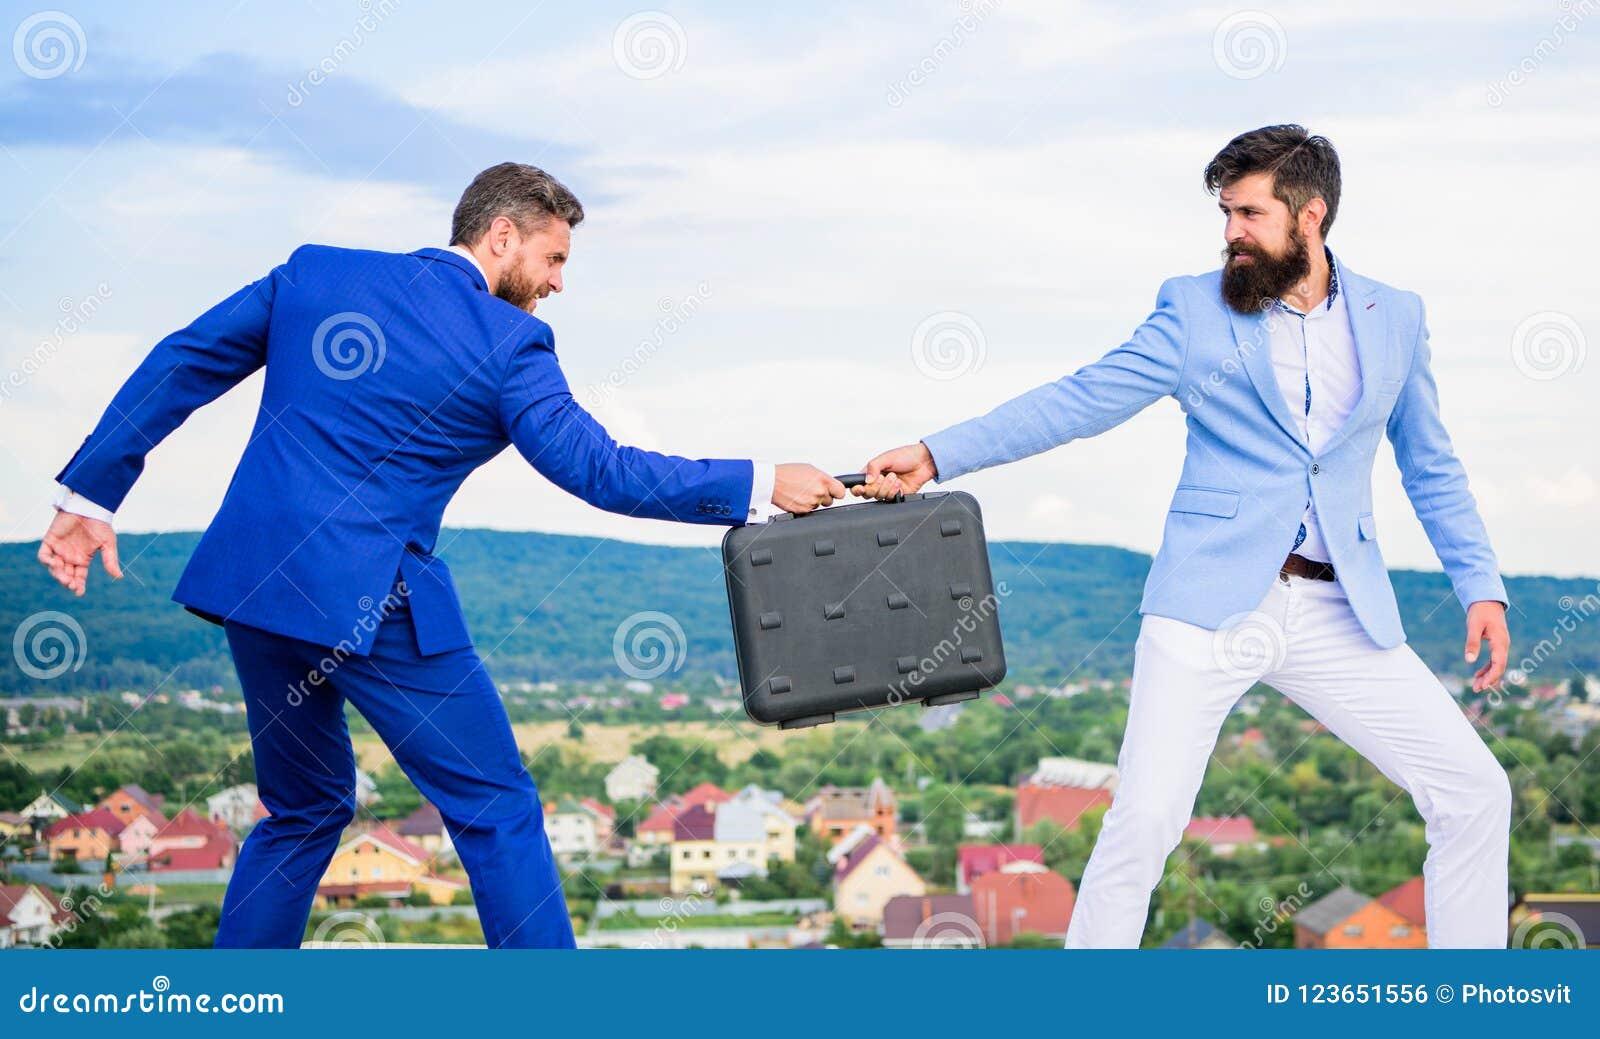 欺骗和强夺概念 捣蛋鬼的勒索致利者勒索者欺诈的移交 人衣服移交公文包 事务